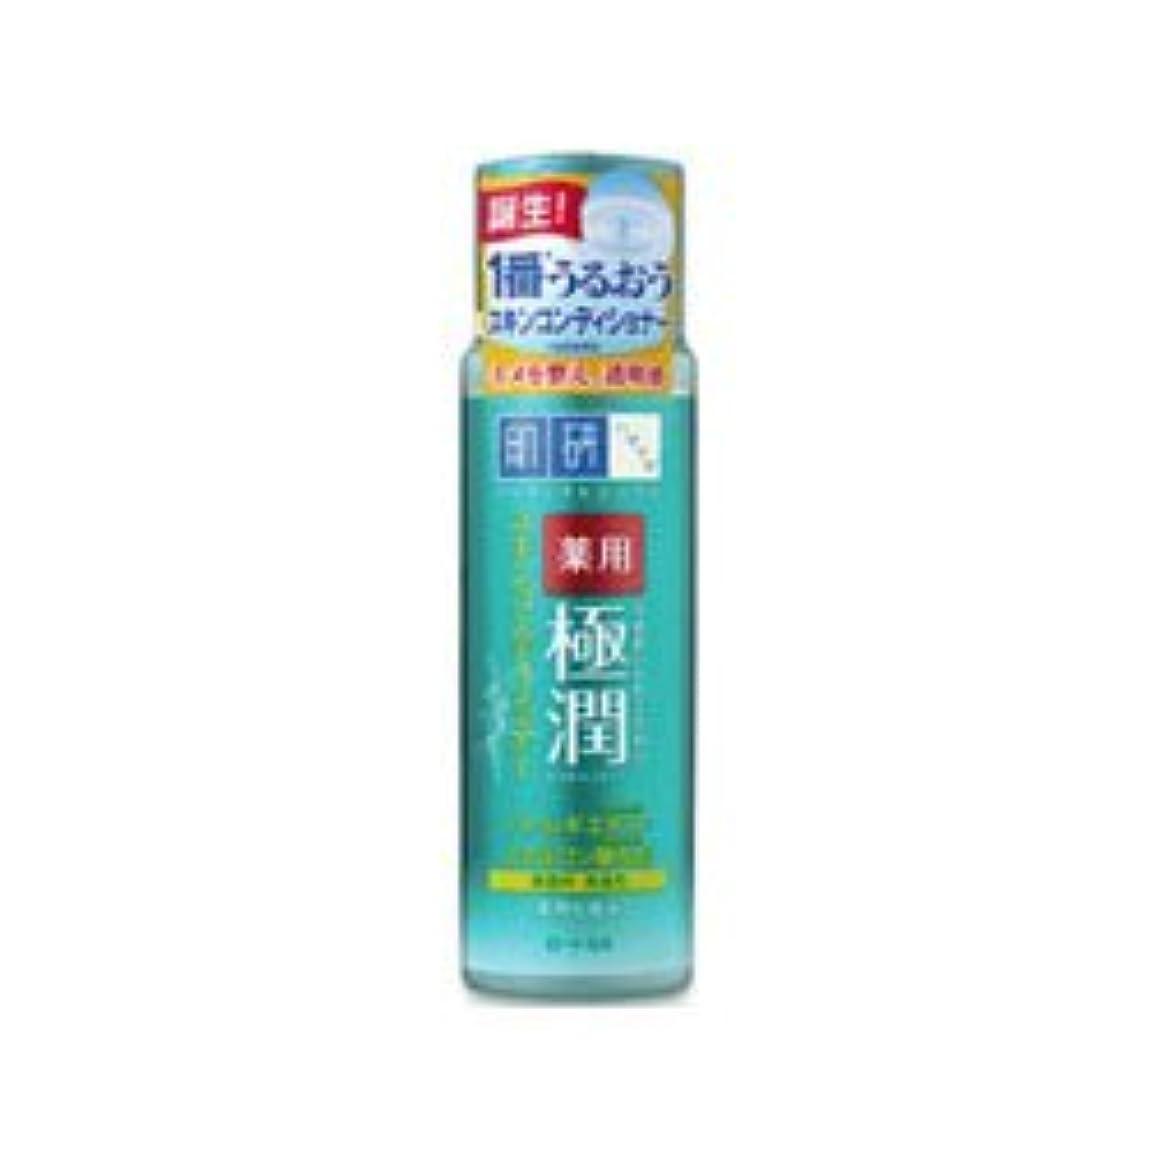 他に投票流す【ロート製薬】肌研 薬用極潤スキンコンディショナー 170ml(医薬部外品) ×3個セット